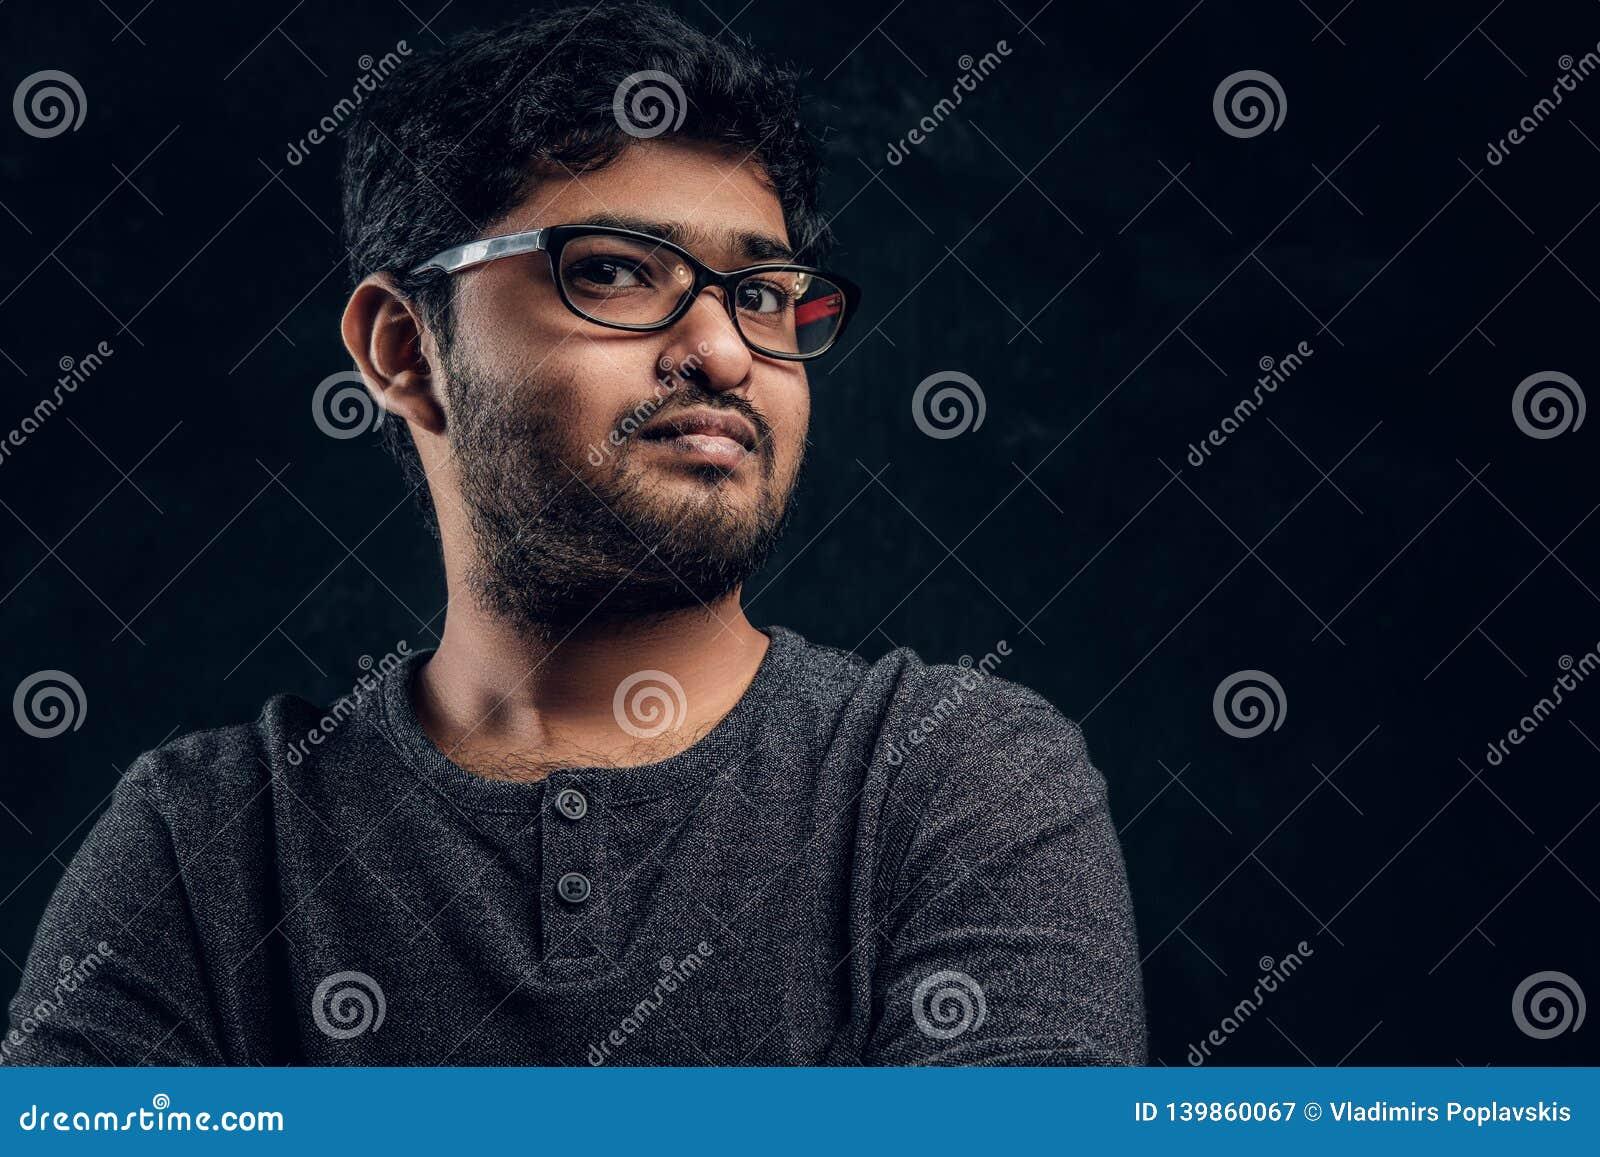 Tamil xcxx